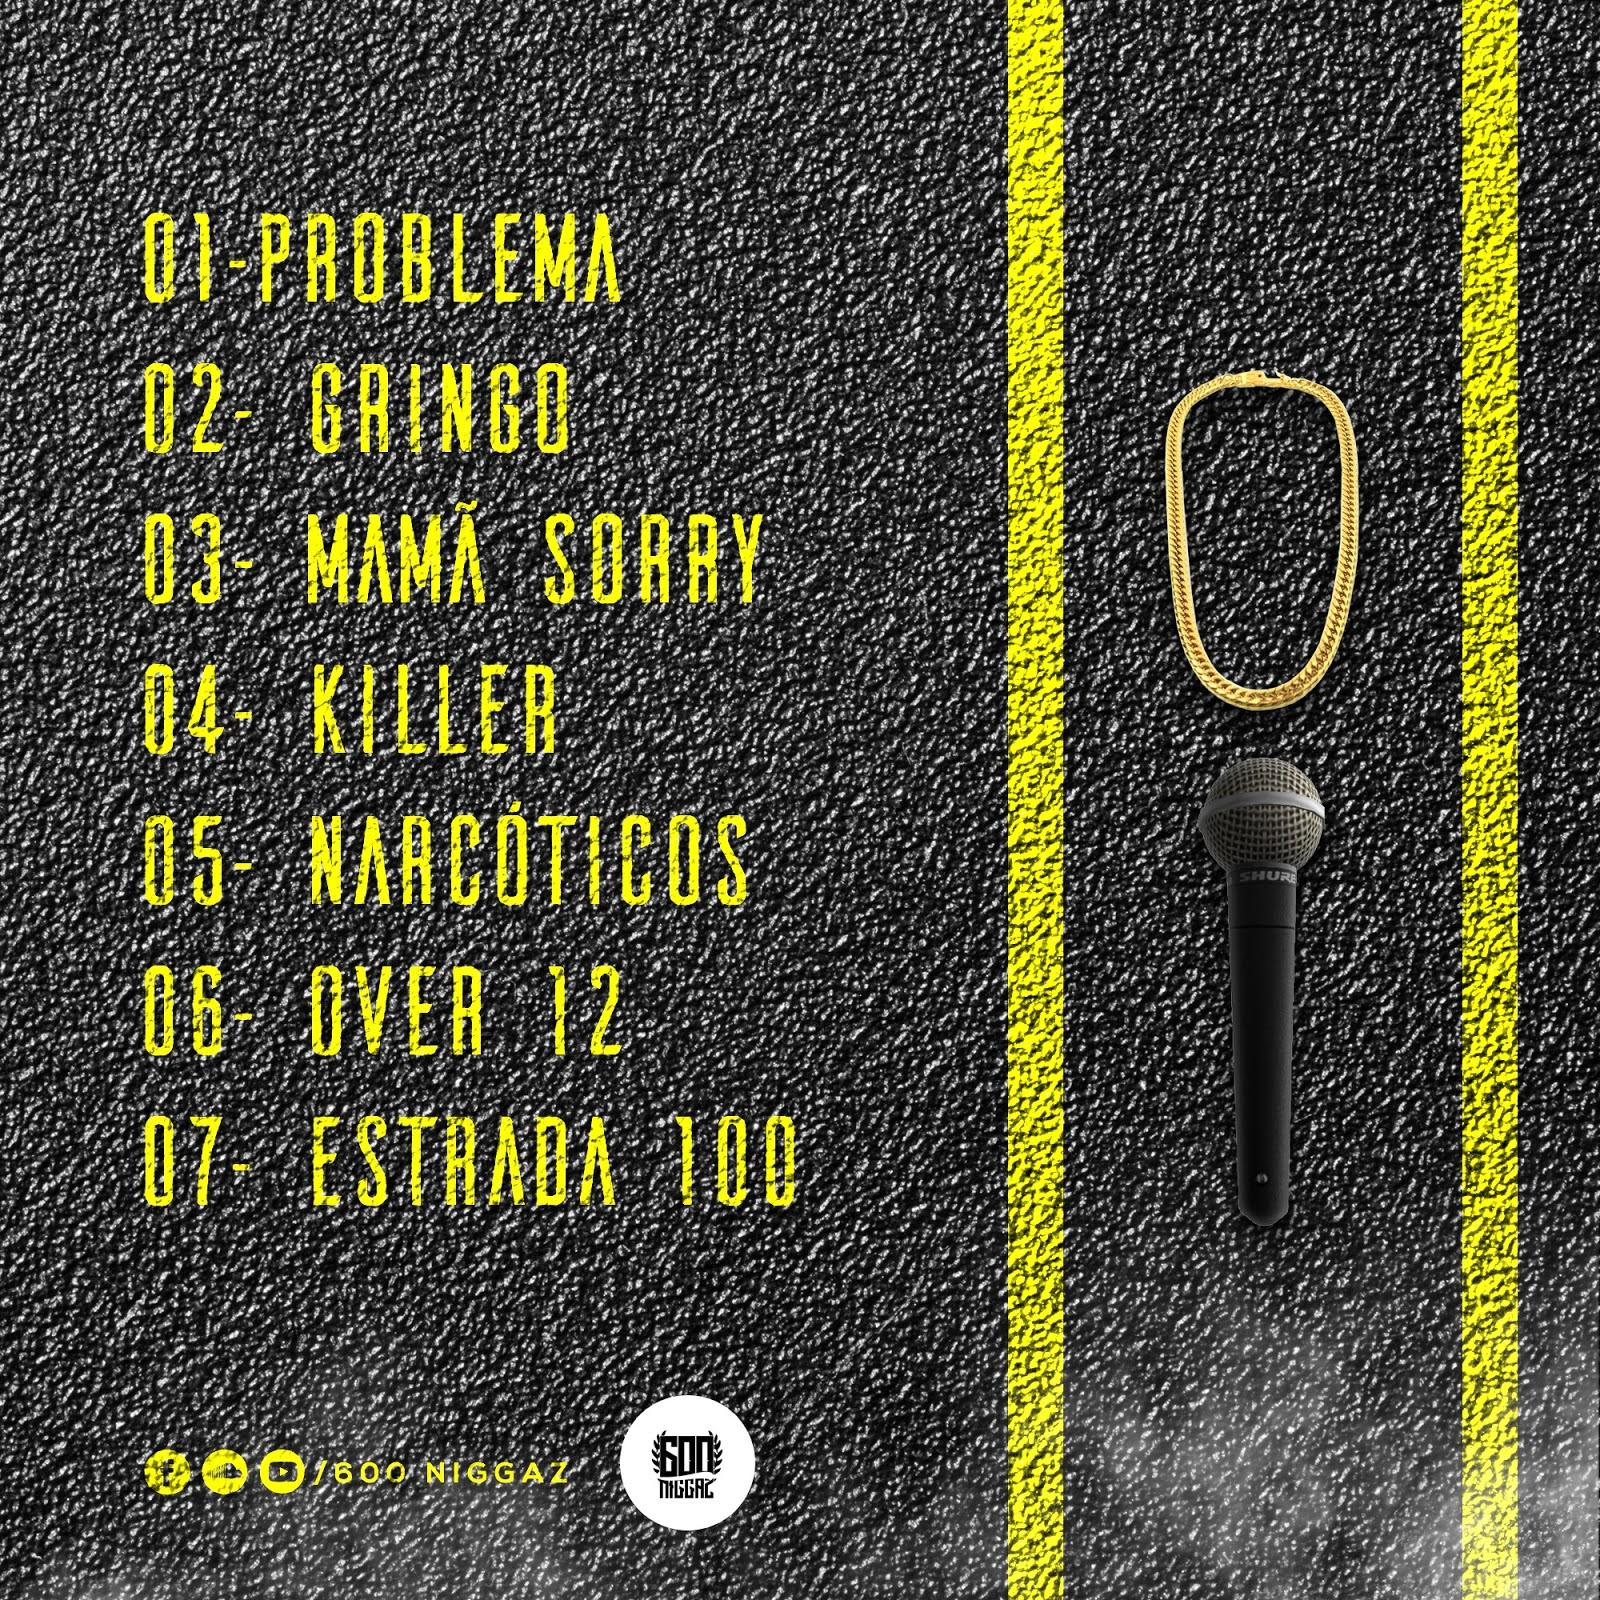 600 Niggaz - Ep. Estrada 100 // Download